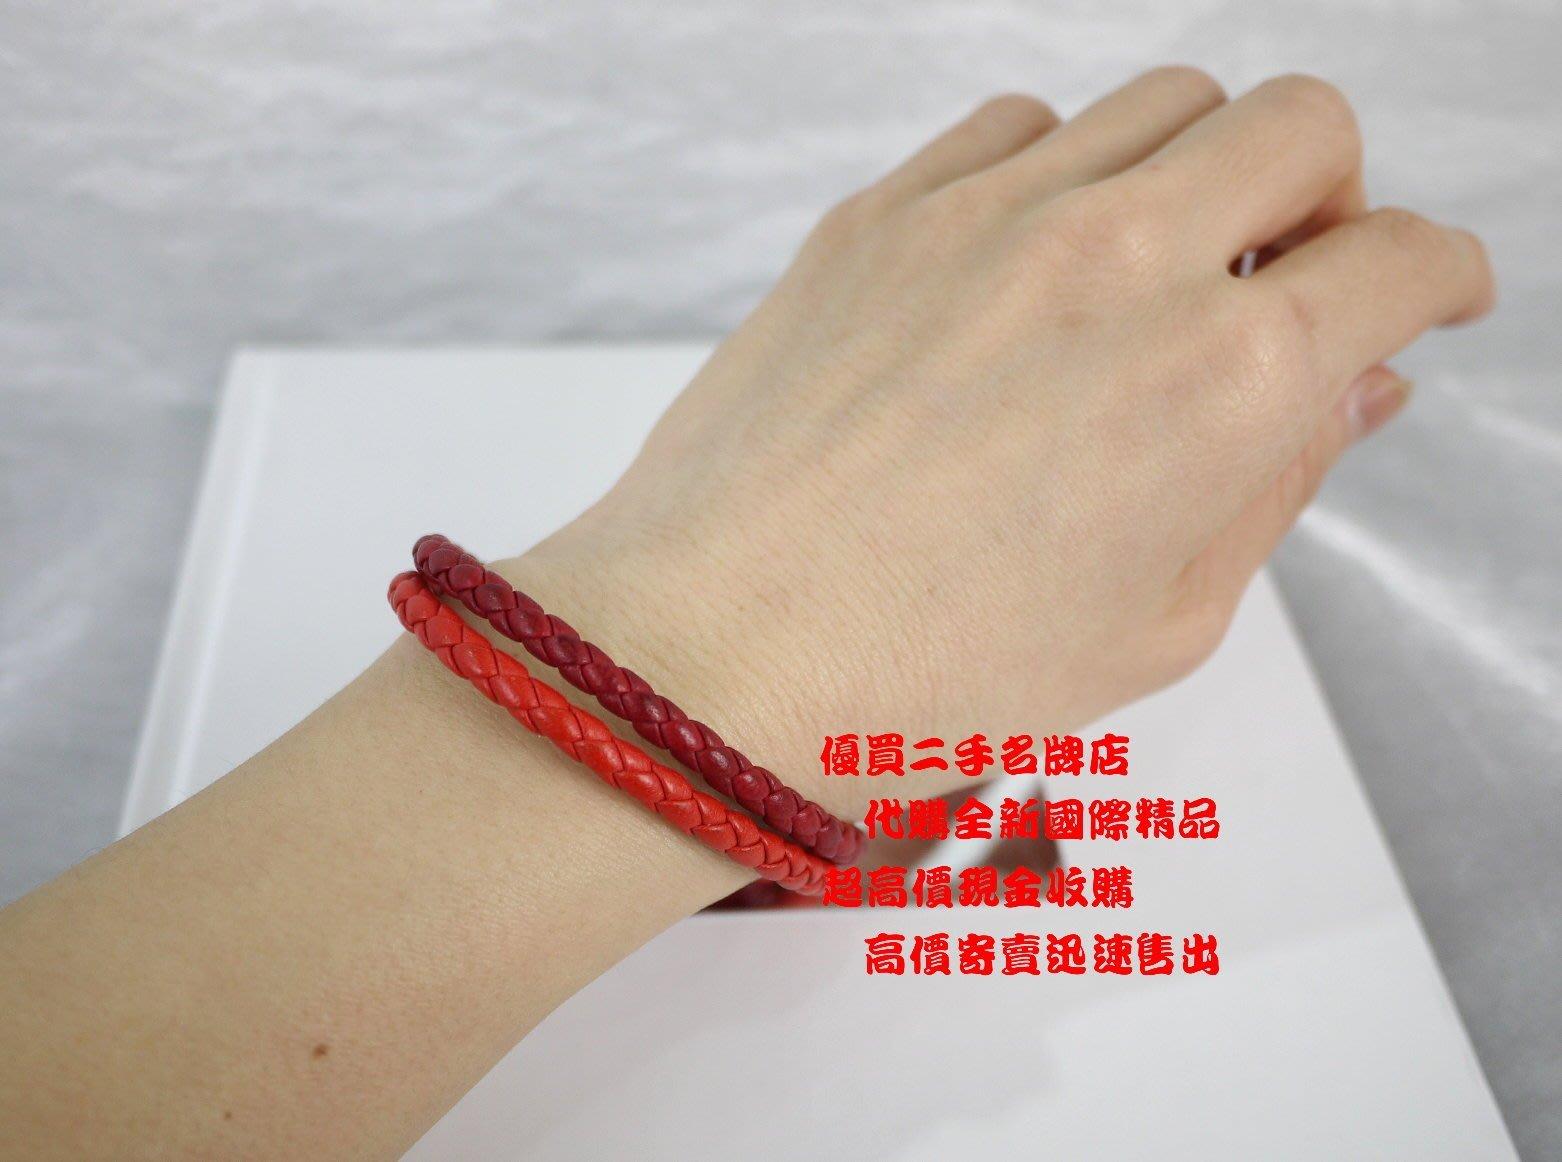 優買二手精品名牌店 BOTTEGA VENETA BV 橘 紅 牛 皮 全編織  手環 手鍊 手鐲 雙圈 21 特價品